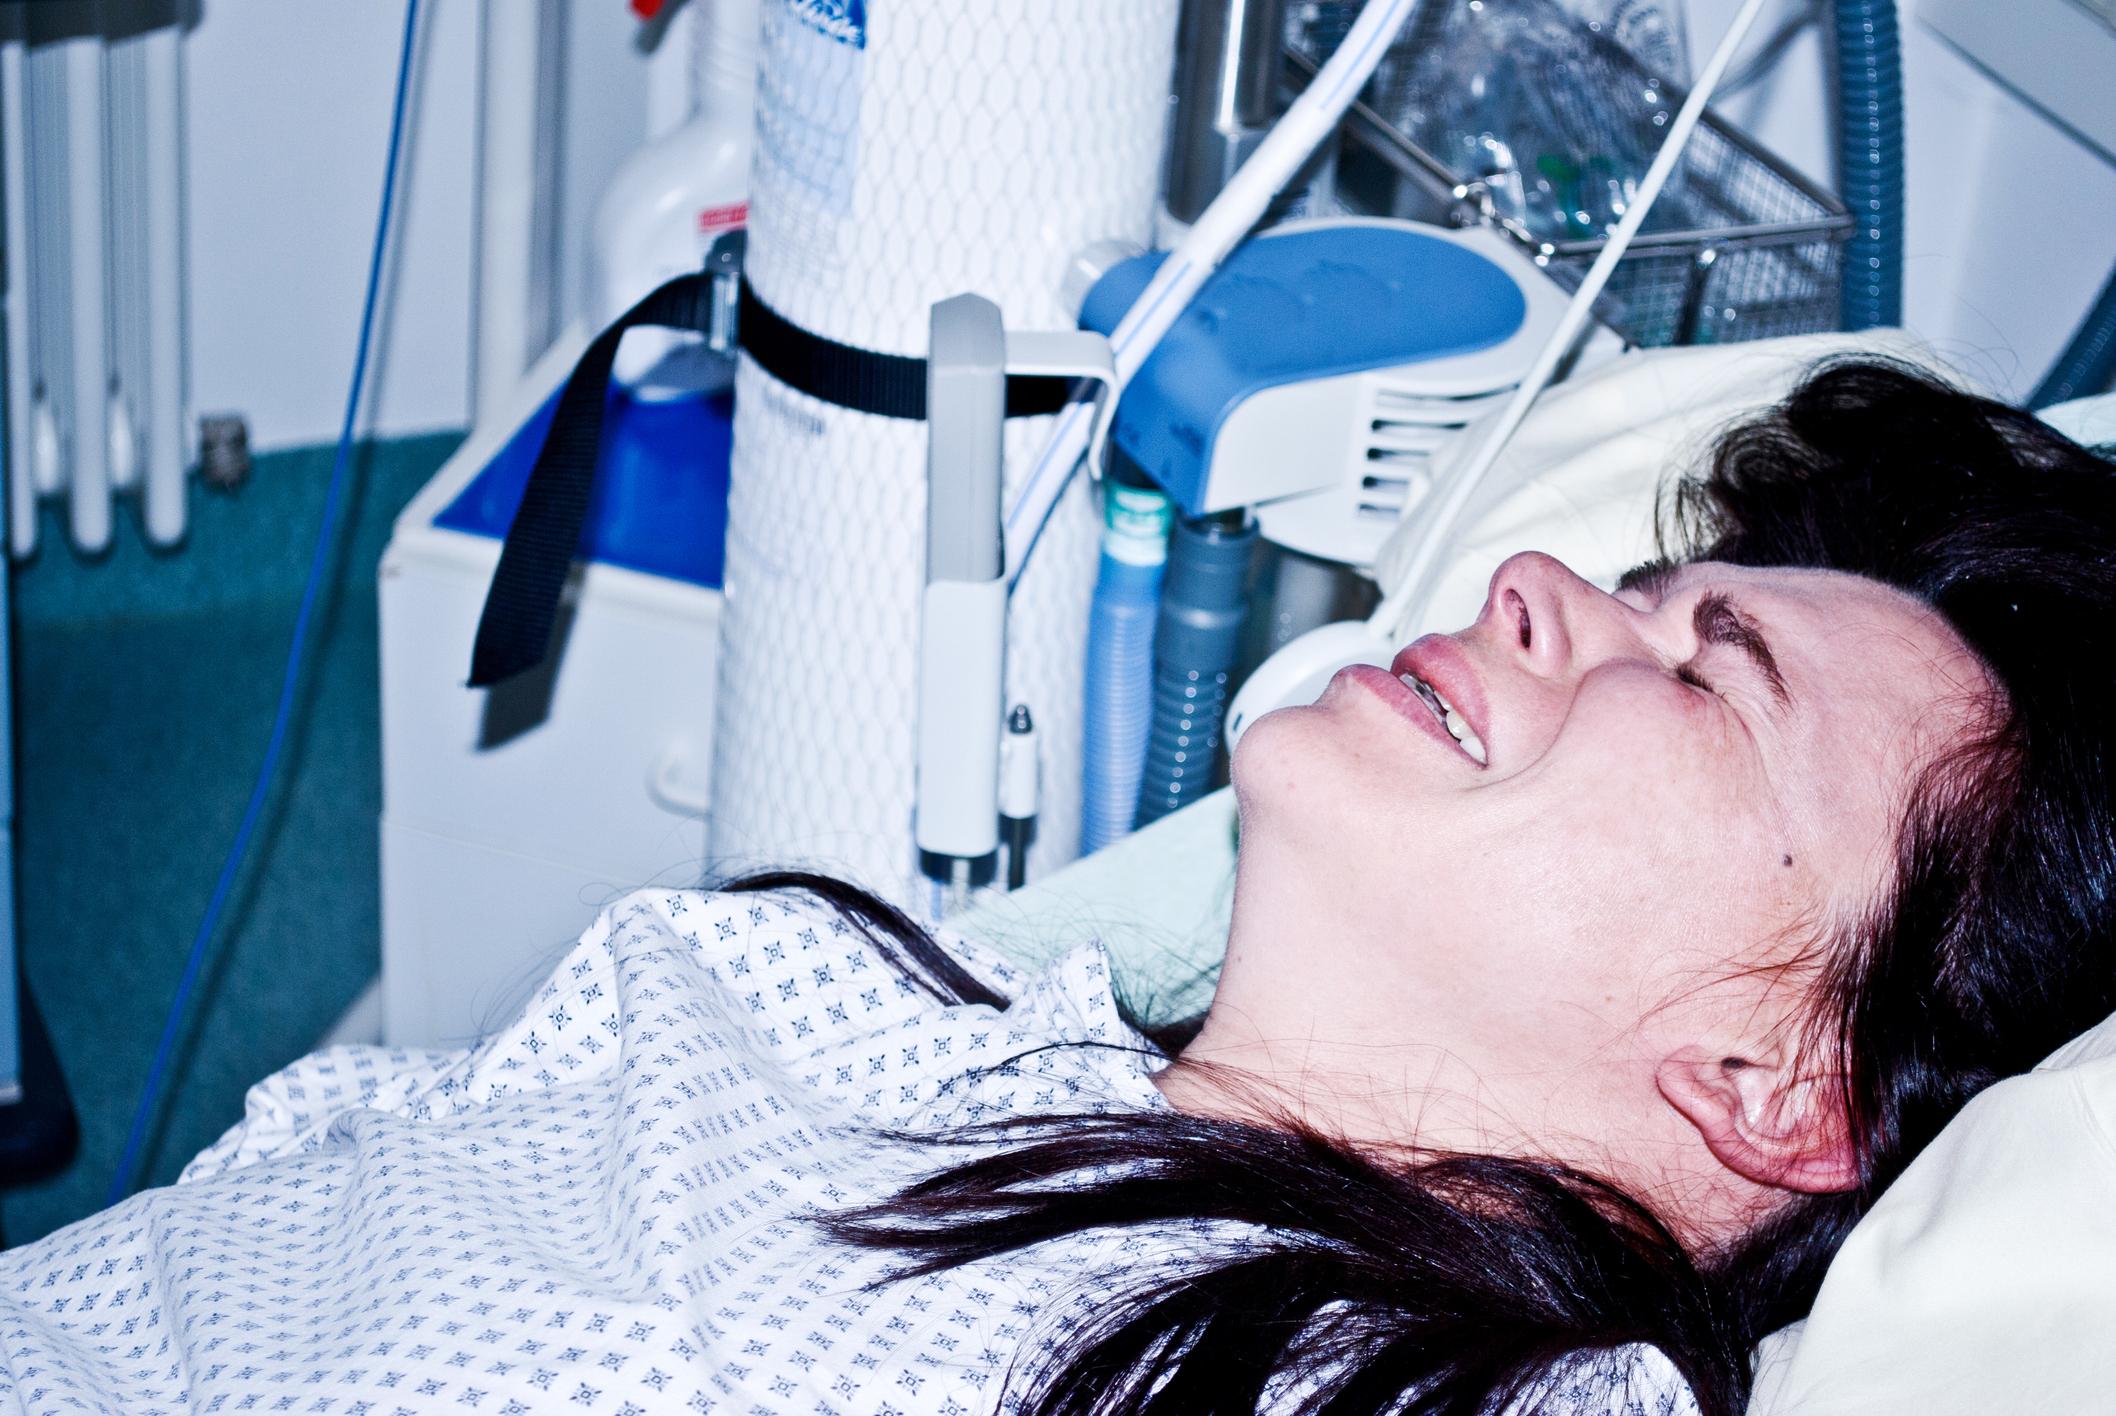 efectos anestesia general